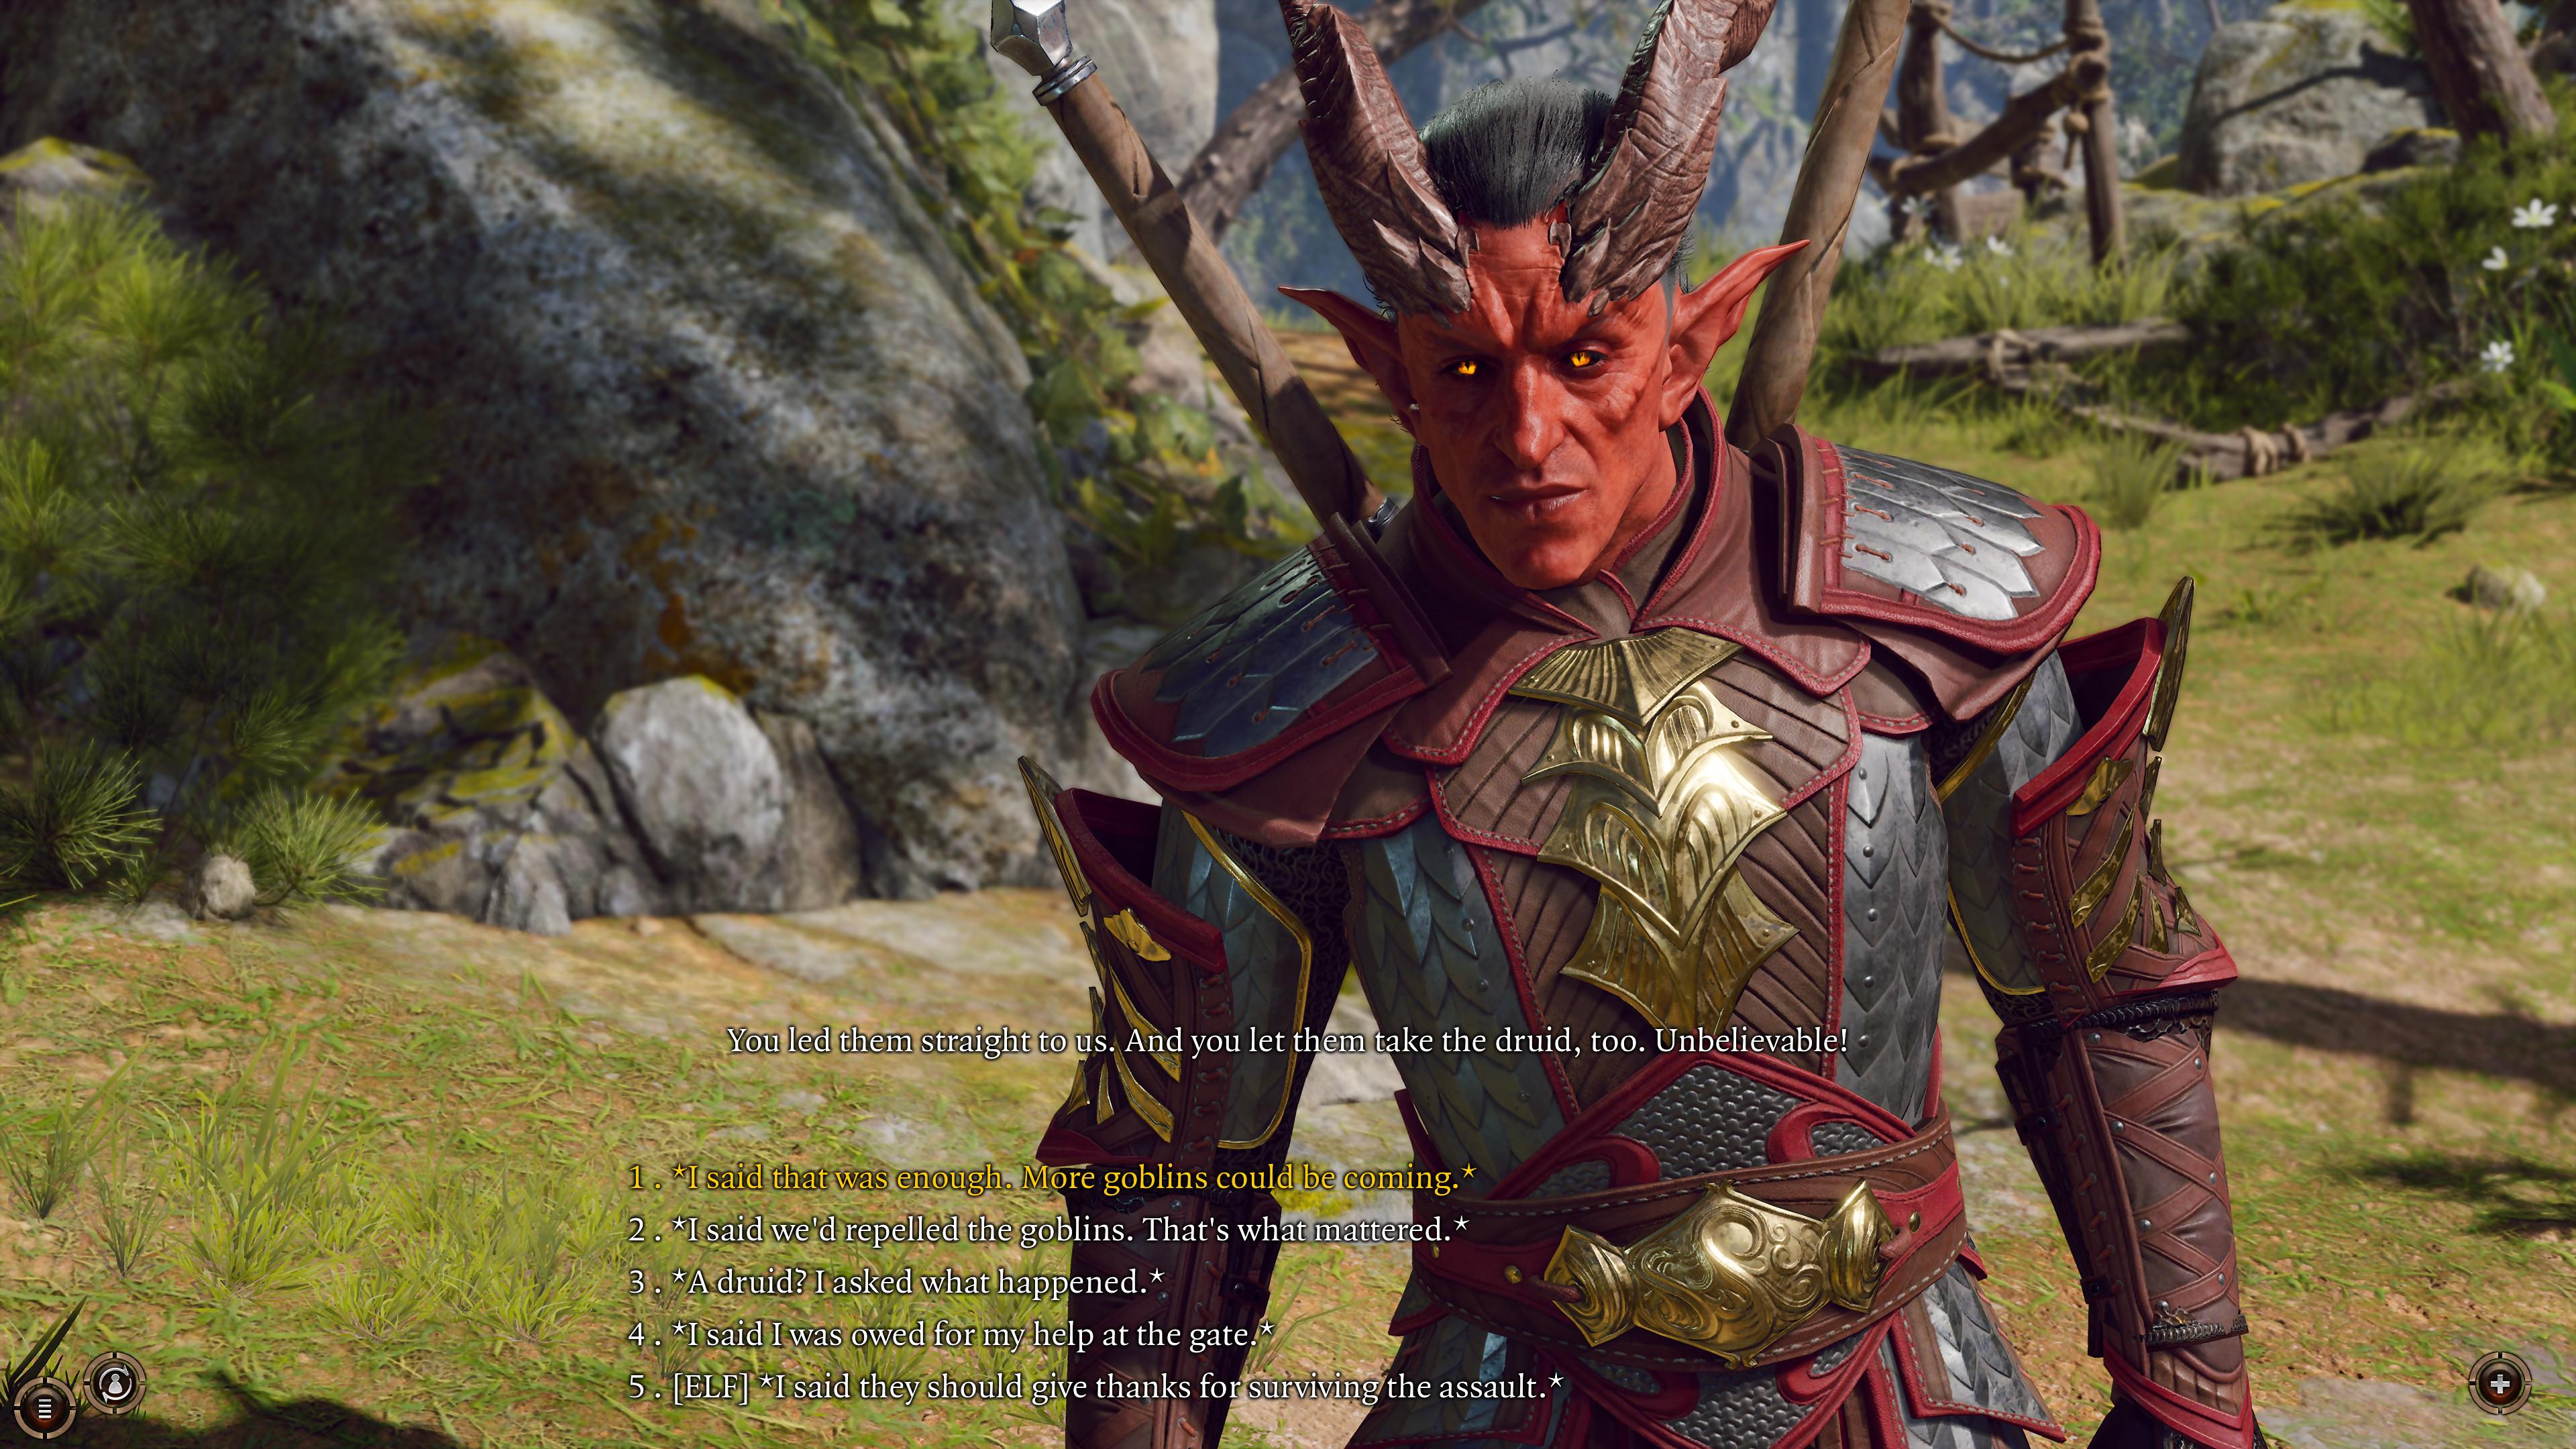 Baldurs Gate 3 : des images du jeu ont fuité